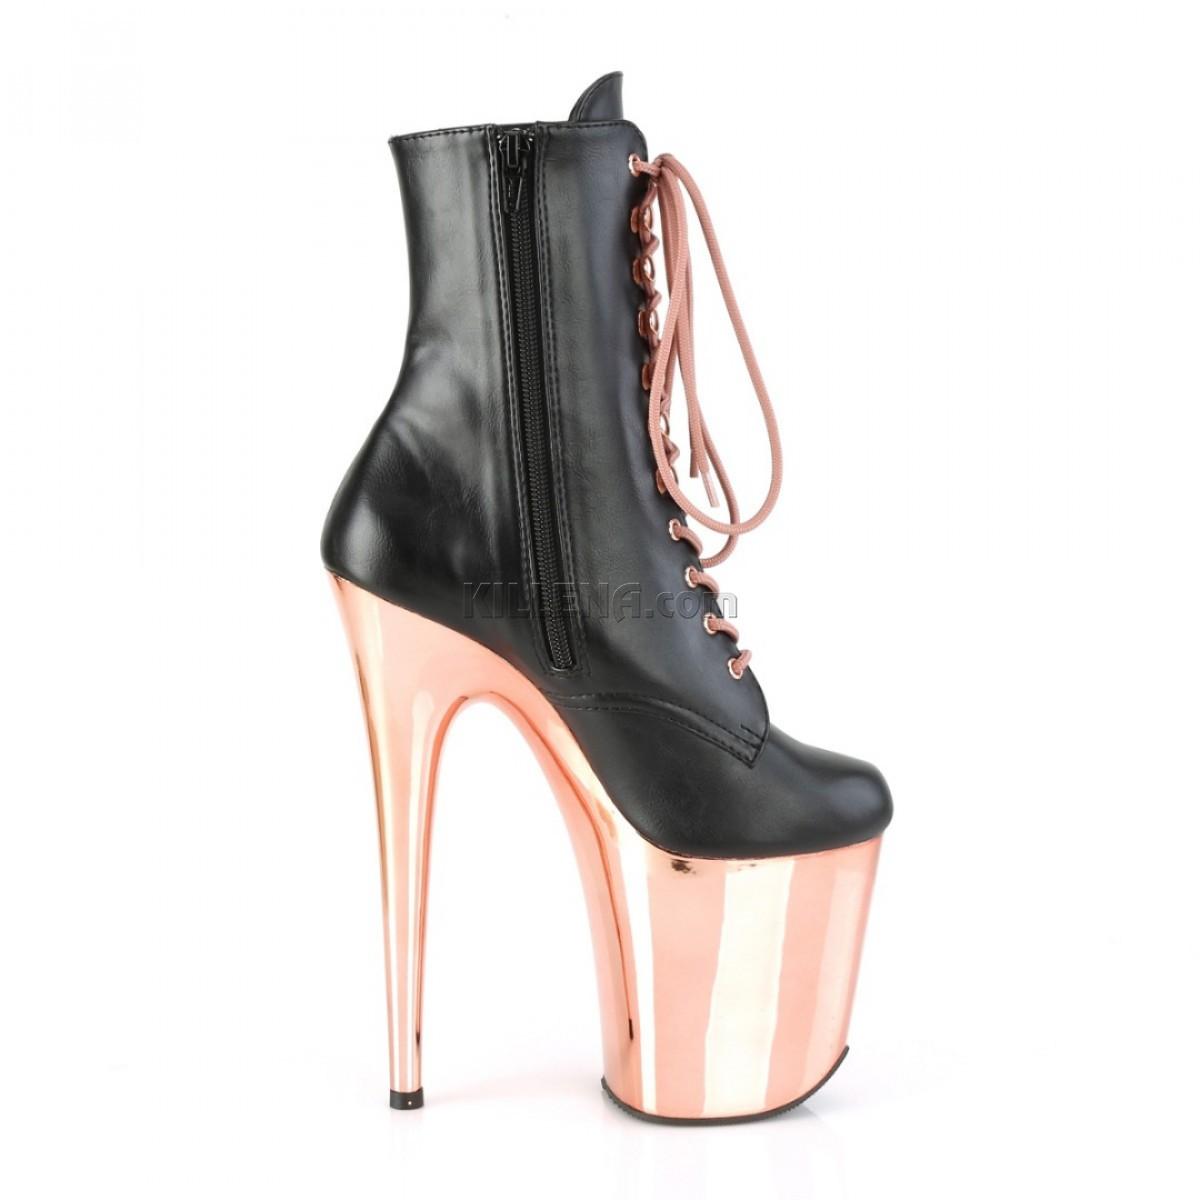 """Ботинки из эко кожи с хромированной платформой цвета """"rose gold"""""""